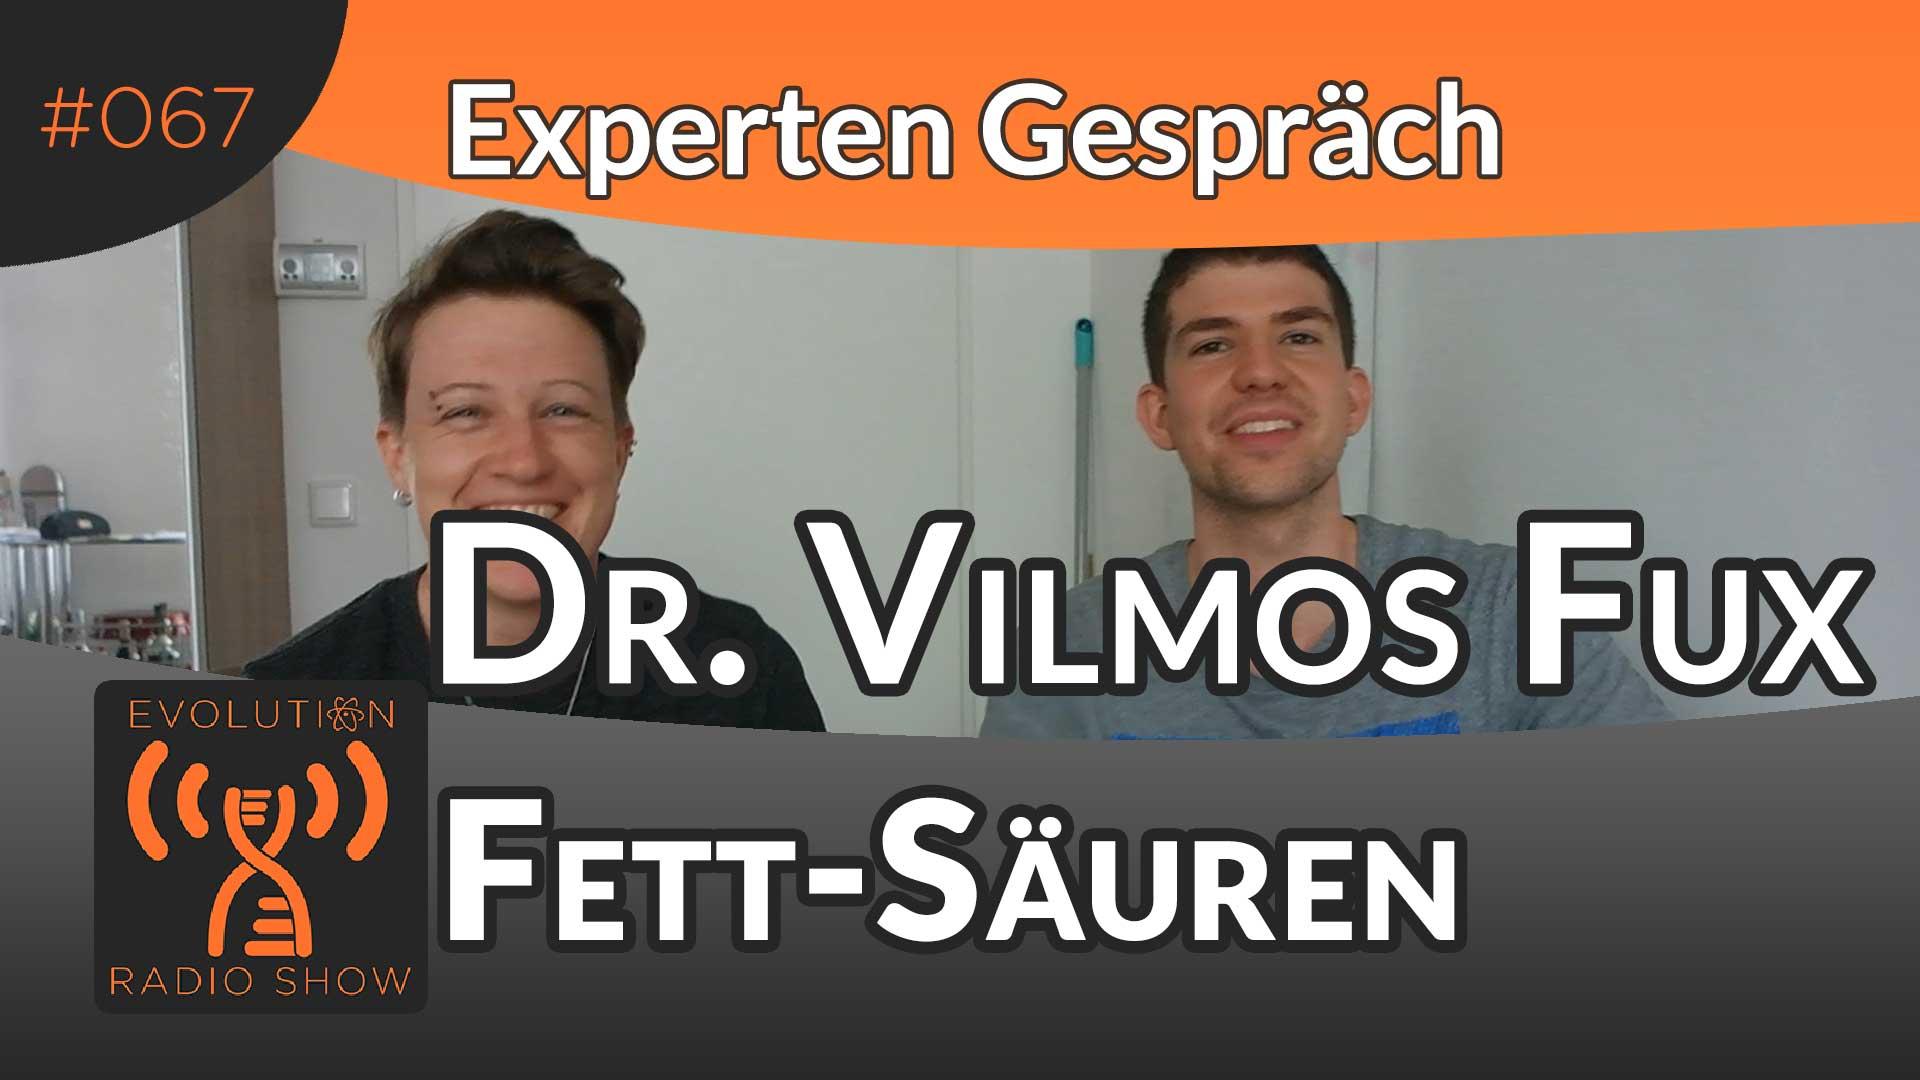 Evolution Radio Show Folge #067: Fettsäuren 1x1 - Expertengespräch mit Dr. Vilmos Fux